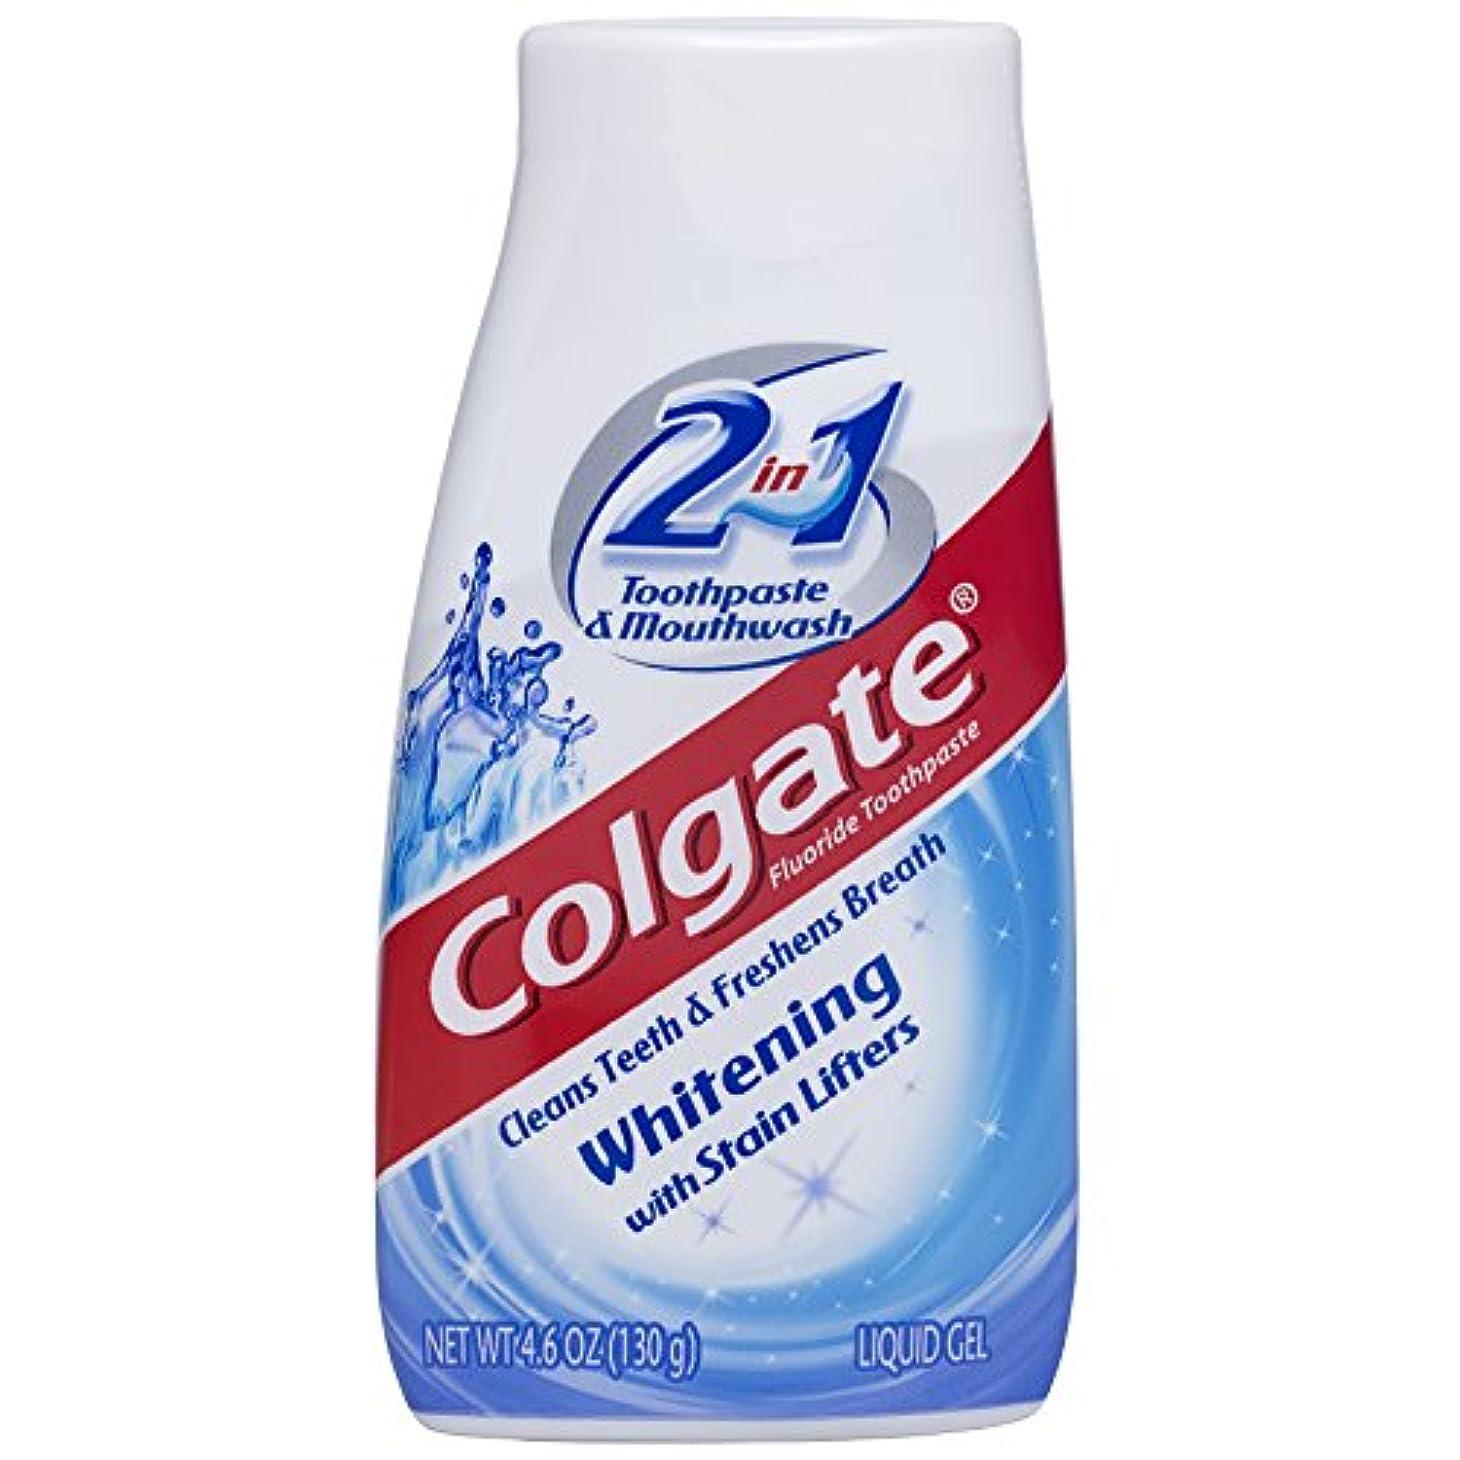 貸し手良さにぎやか海外直送品Colgate 2 In 1 Toothpaste & Mouthwash Whitening, 4.6 oz by Colgate